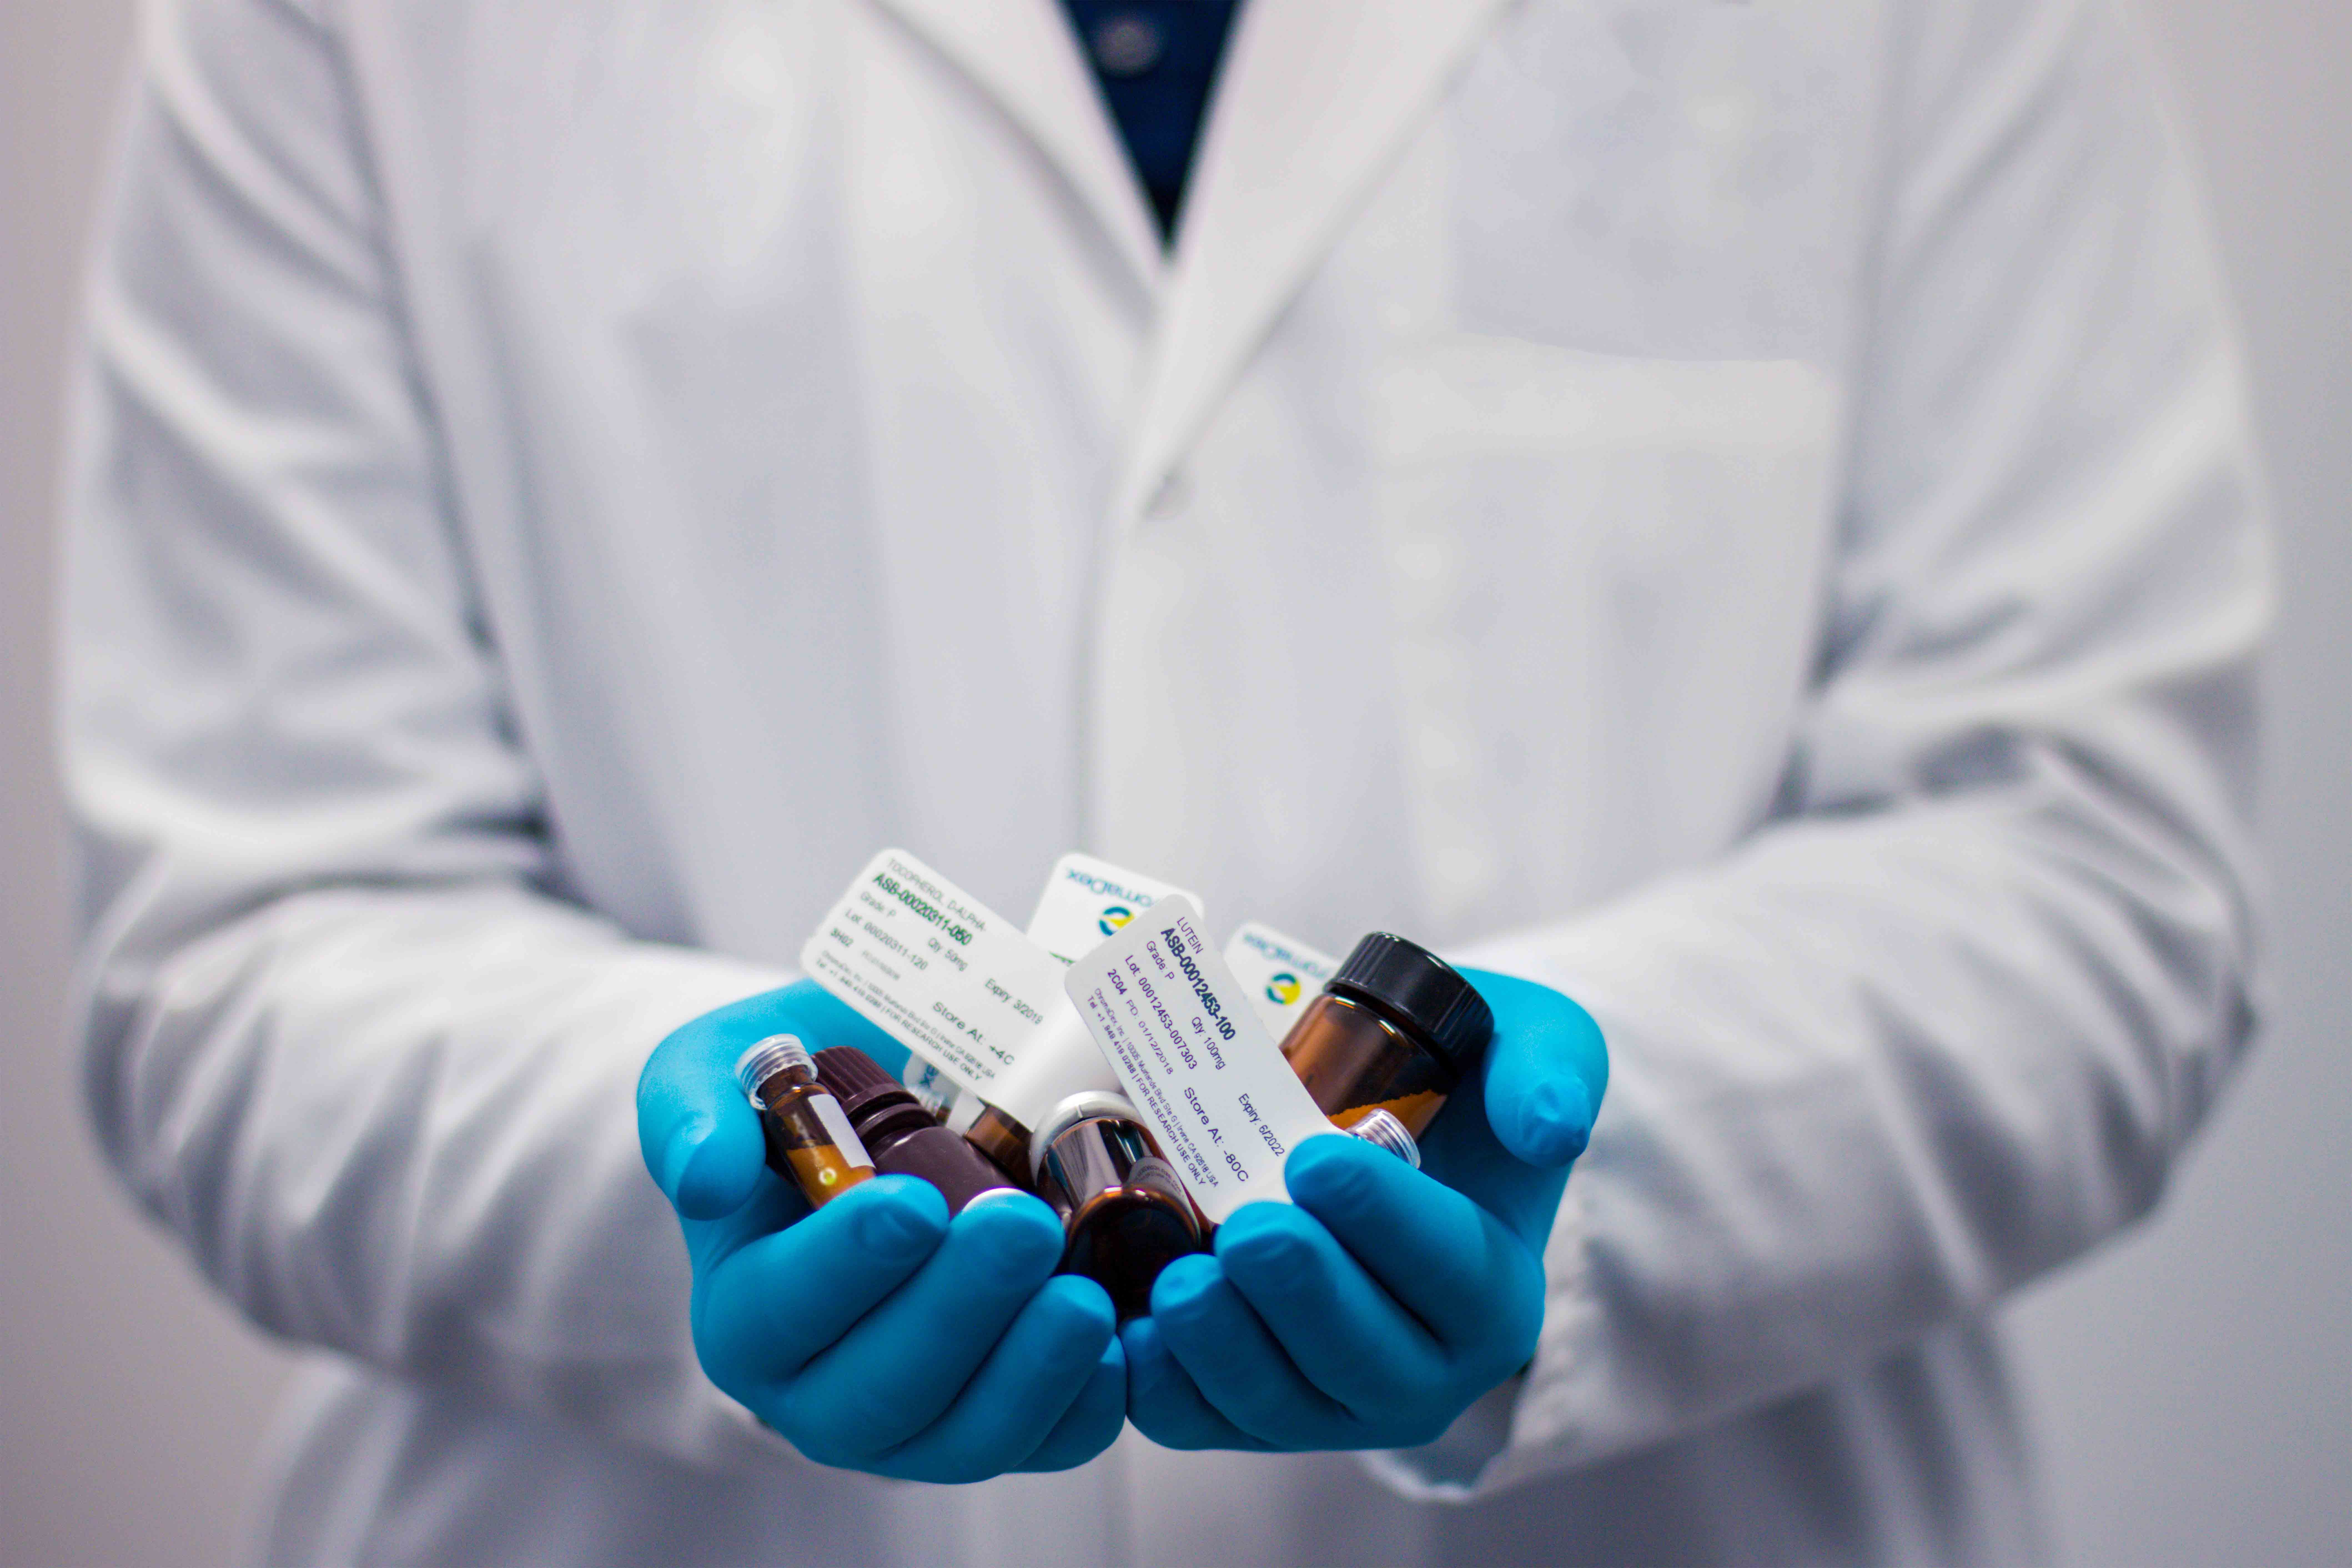 إدارة النفايات الصيدلانية والصناعات الدوائية